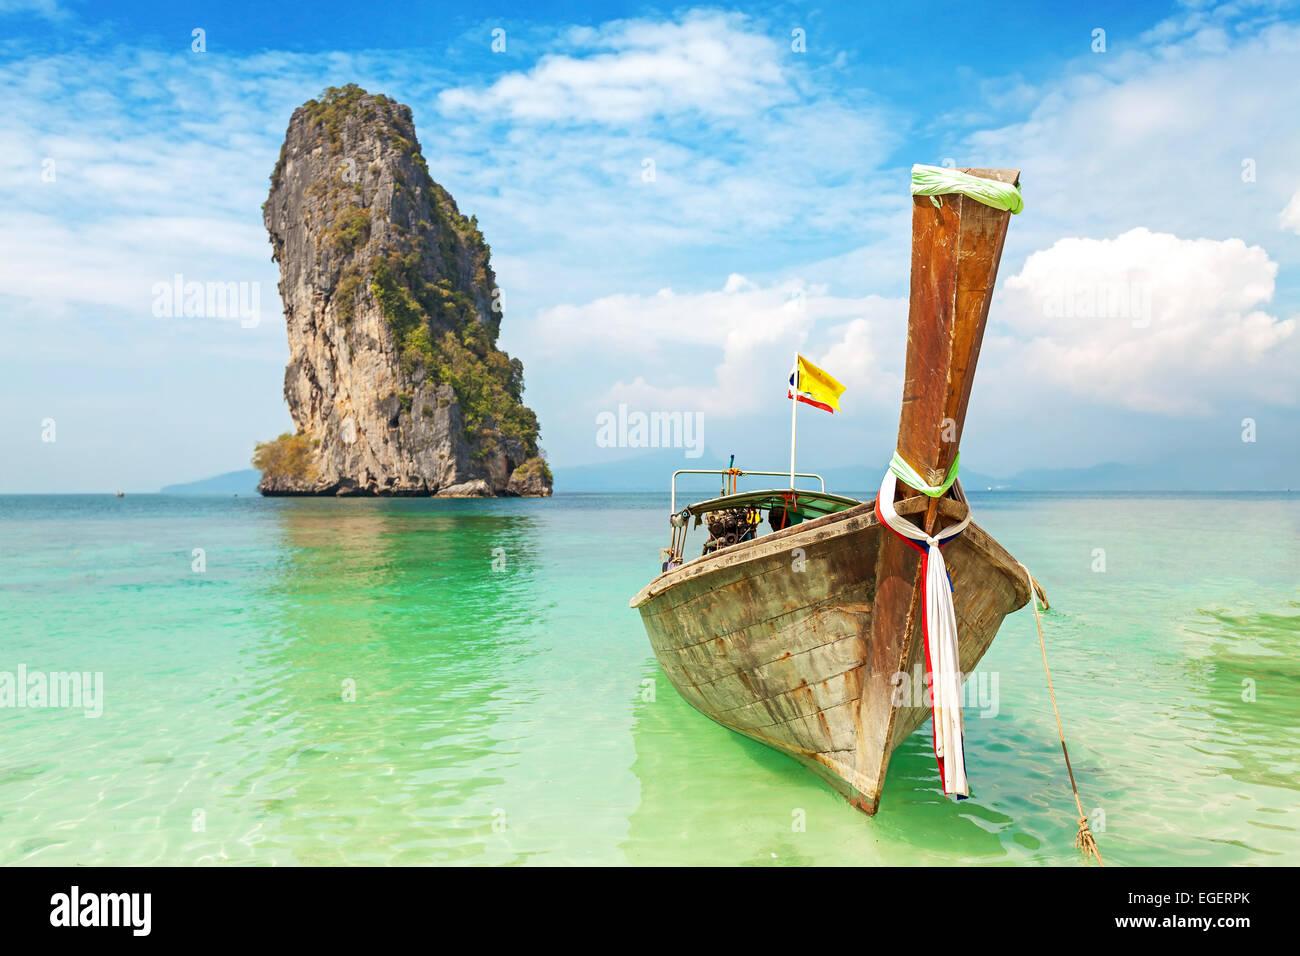 Vecchia barca in legno su un isola tropicale. Immagini Stock